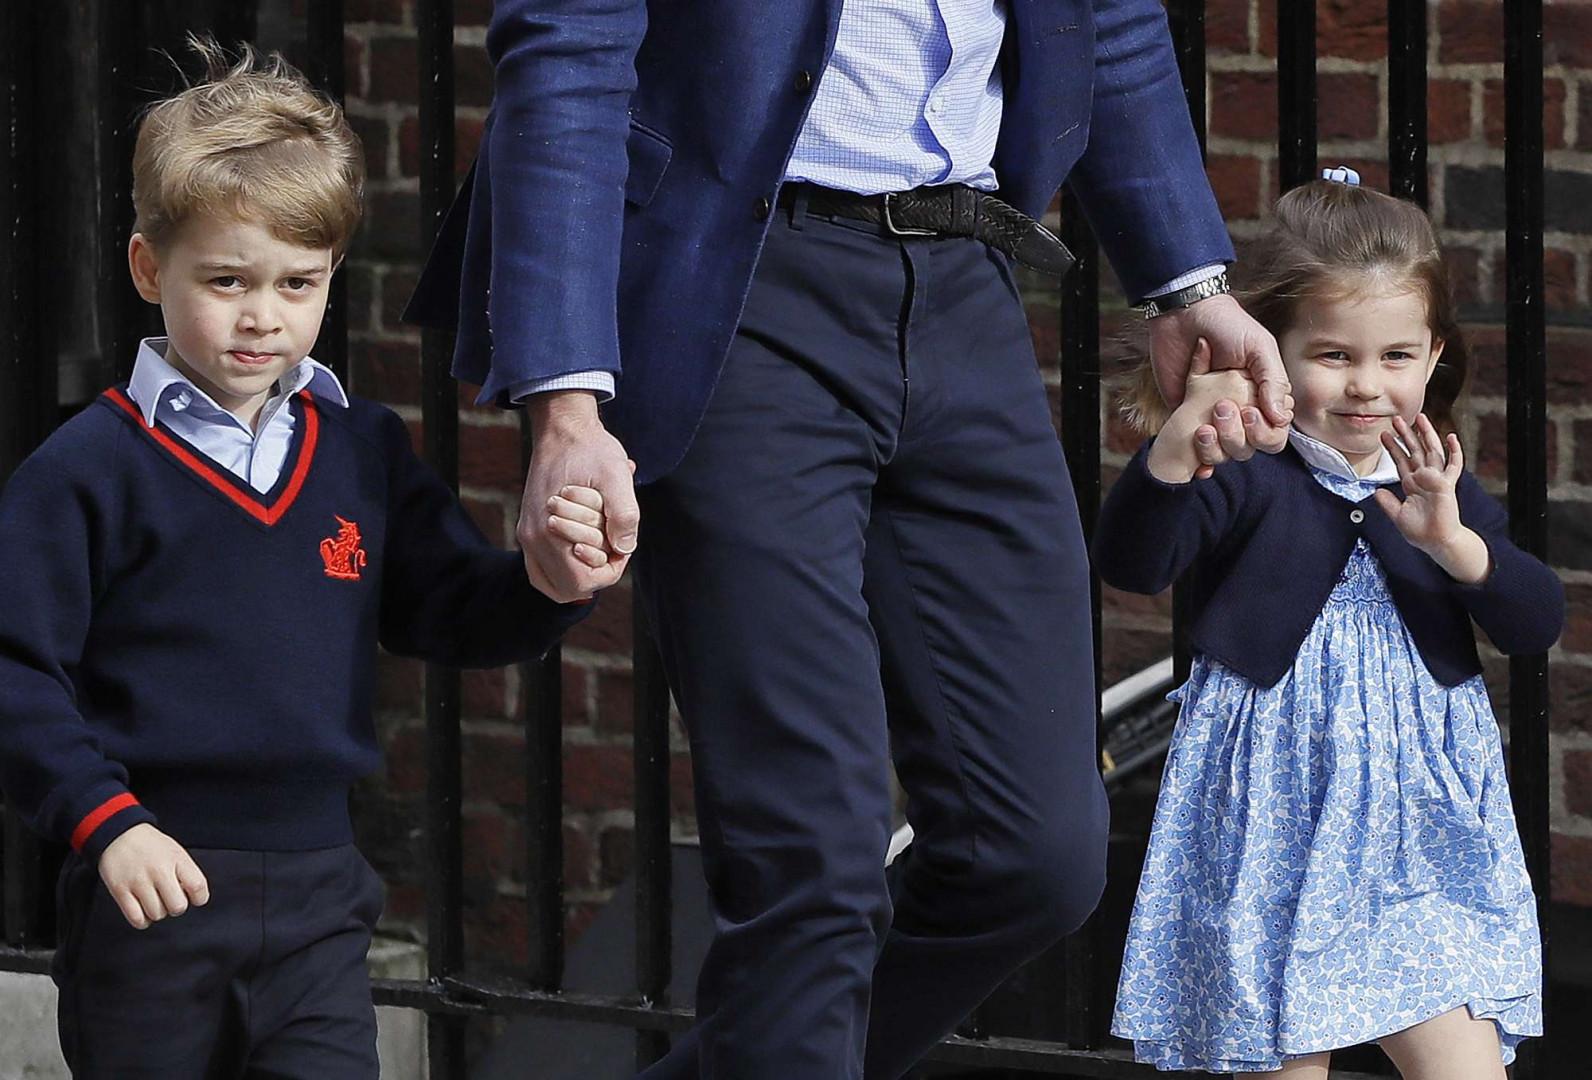 Le prince George et sa soeur Charoltte, Duchesse de Cambridge, le jour de la naissance du Prince Louis, le 23 avril 2018